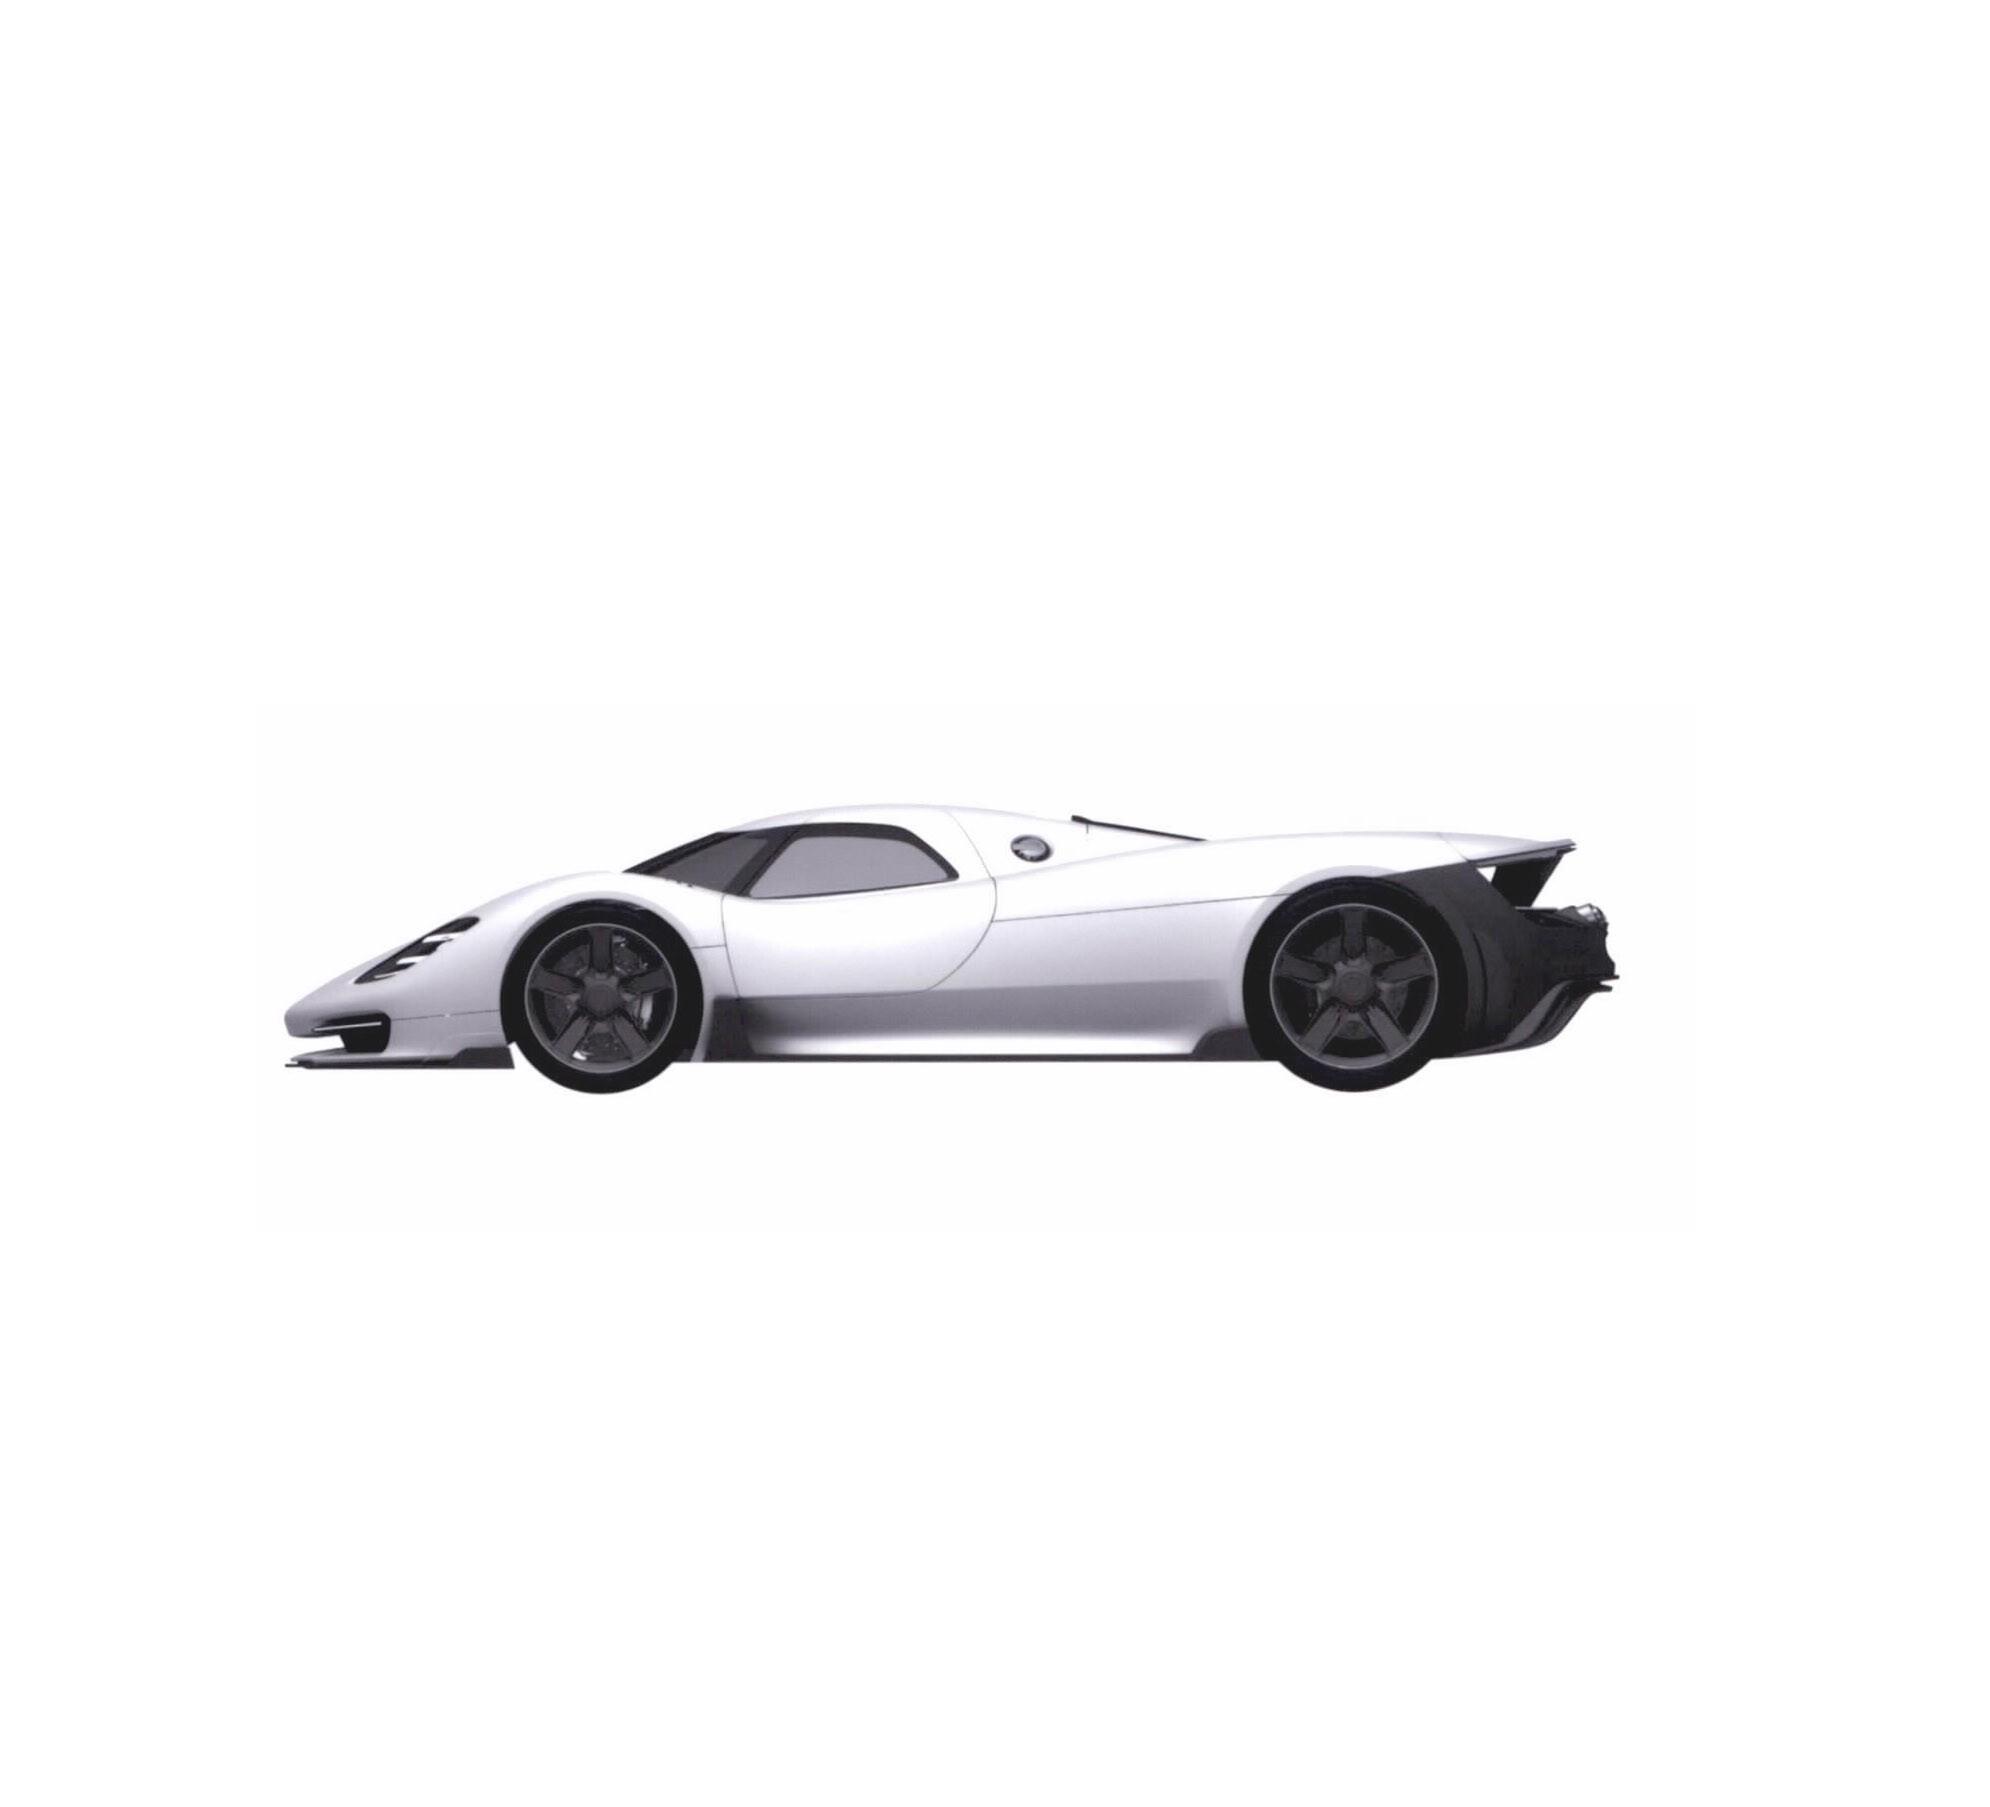 Porsche-918-Spyder-Successor-Patent-Images-12